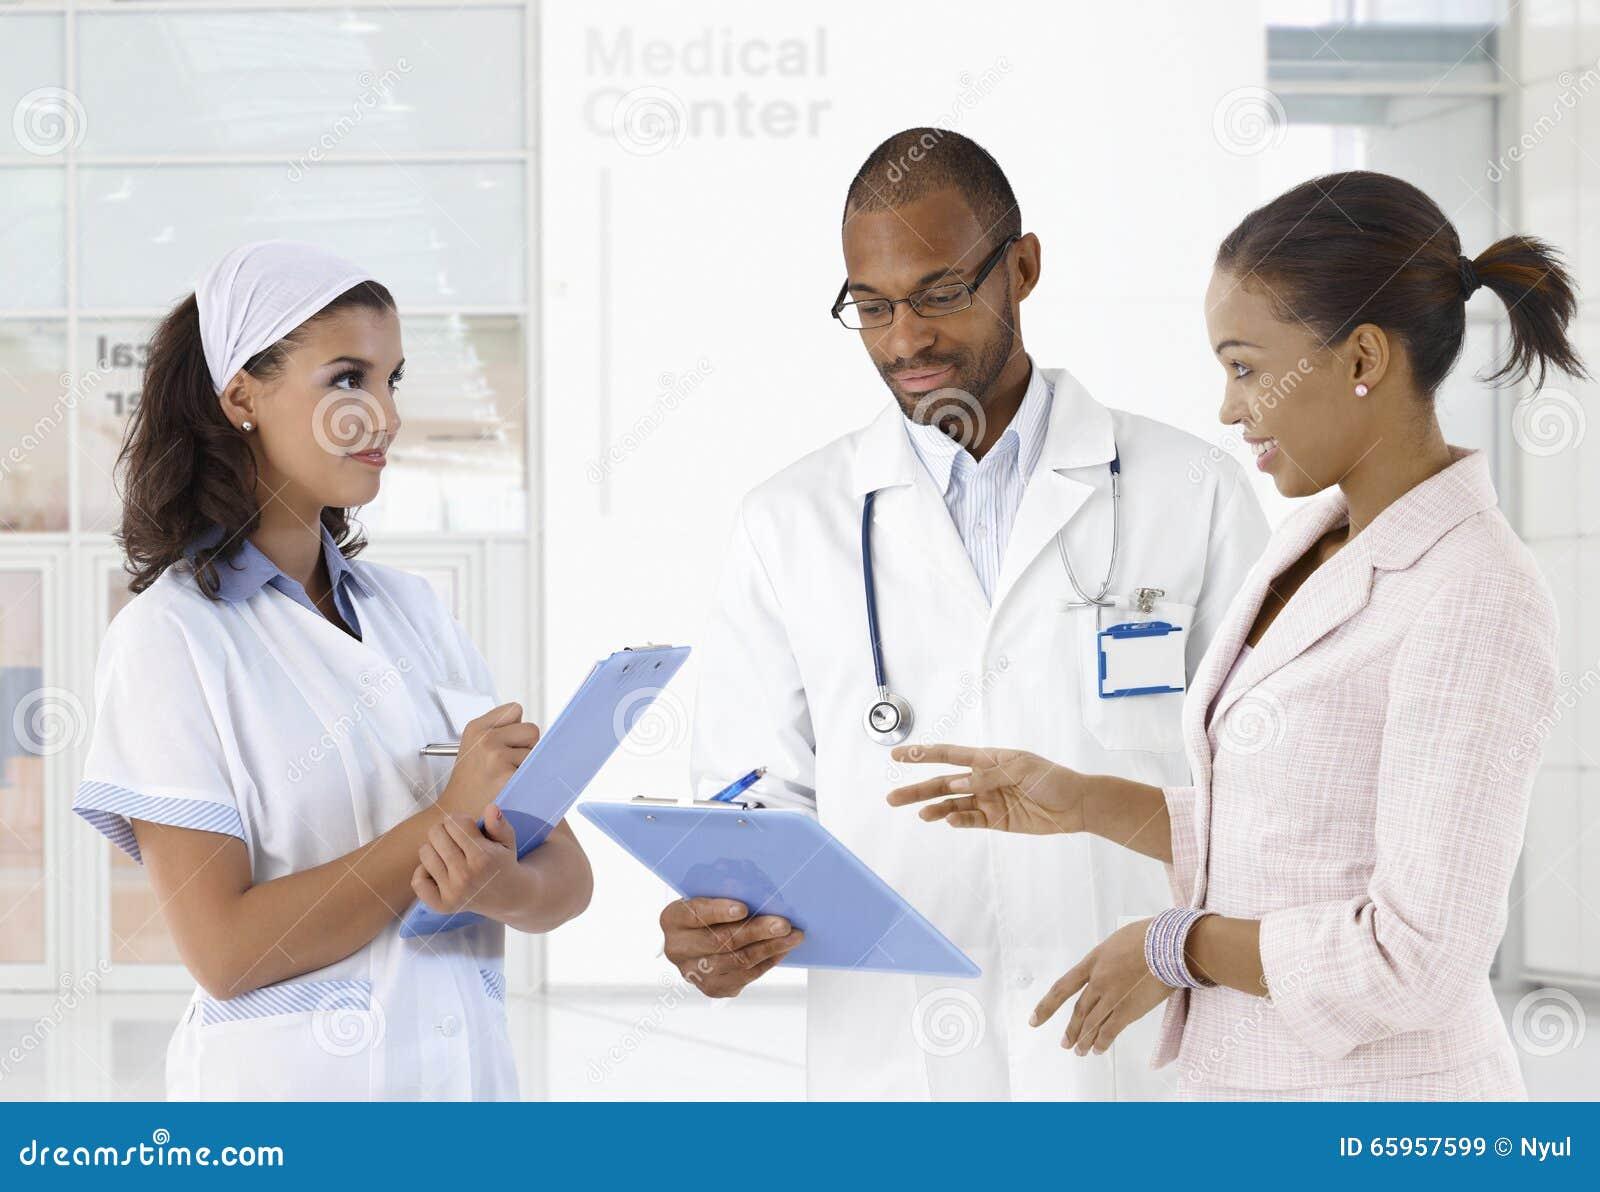 Discussão do caso no centro médico